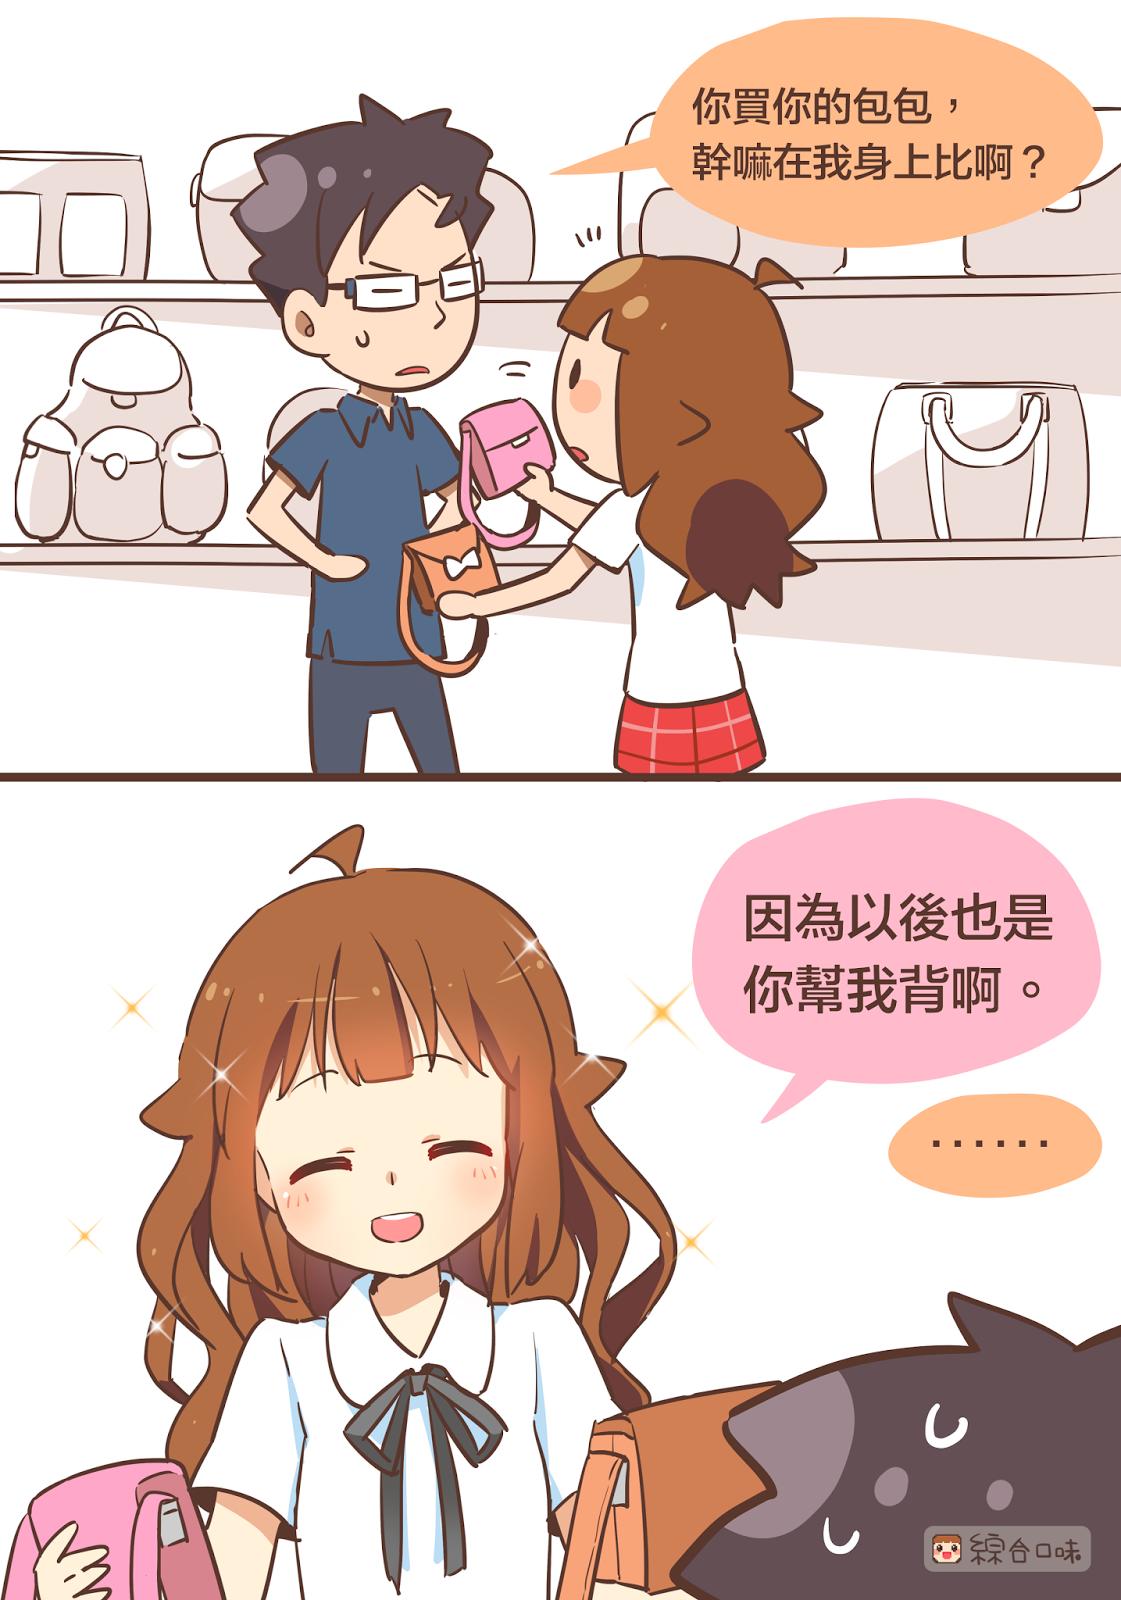 女友的包包